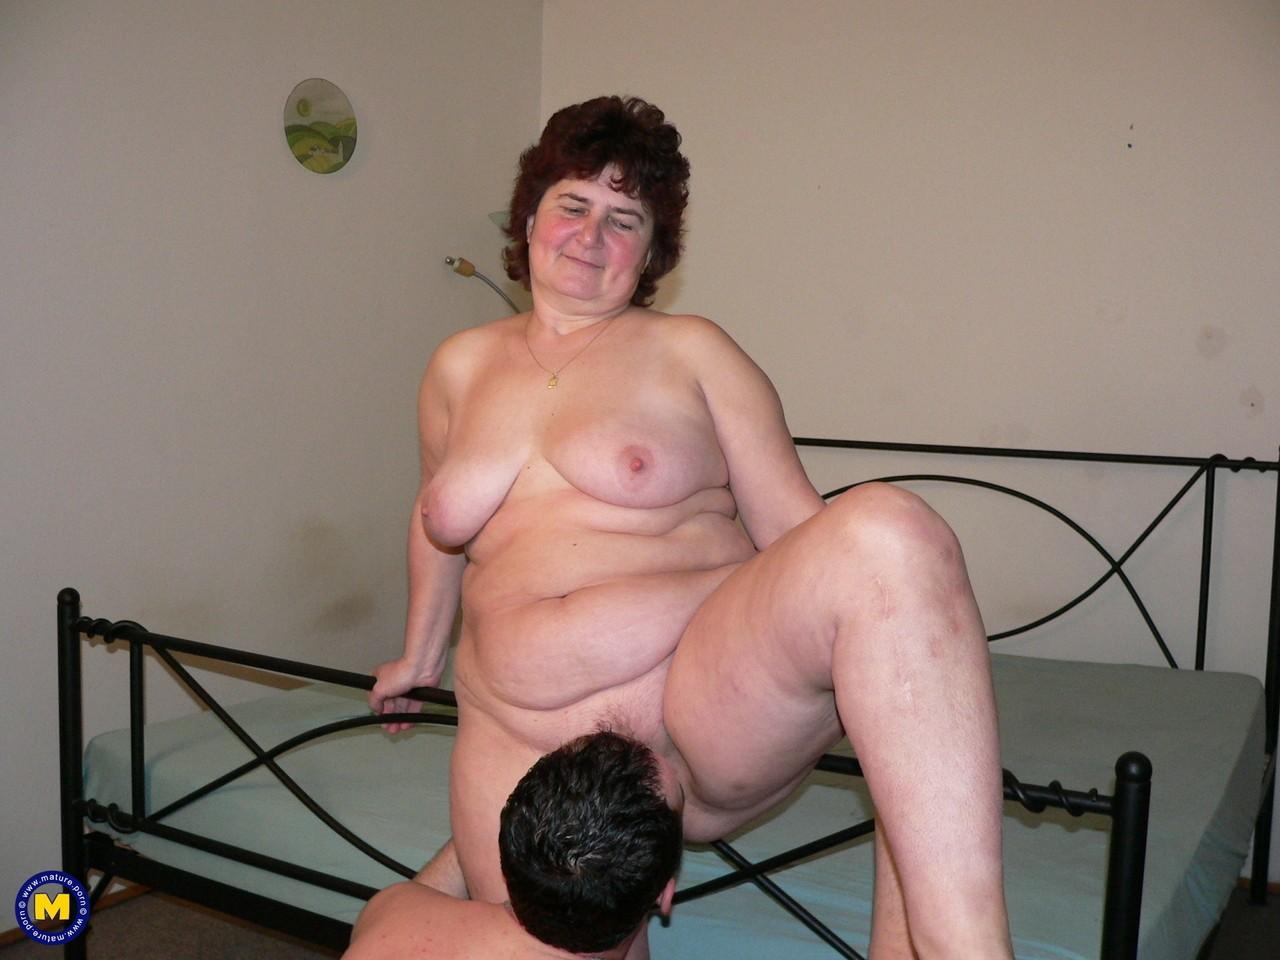 Фотки секса молодого с пассией бальзаковского возраста. Фото - 3